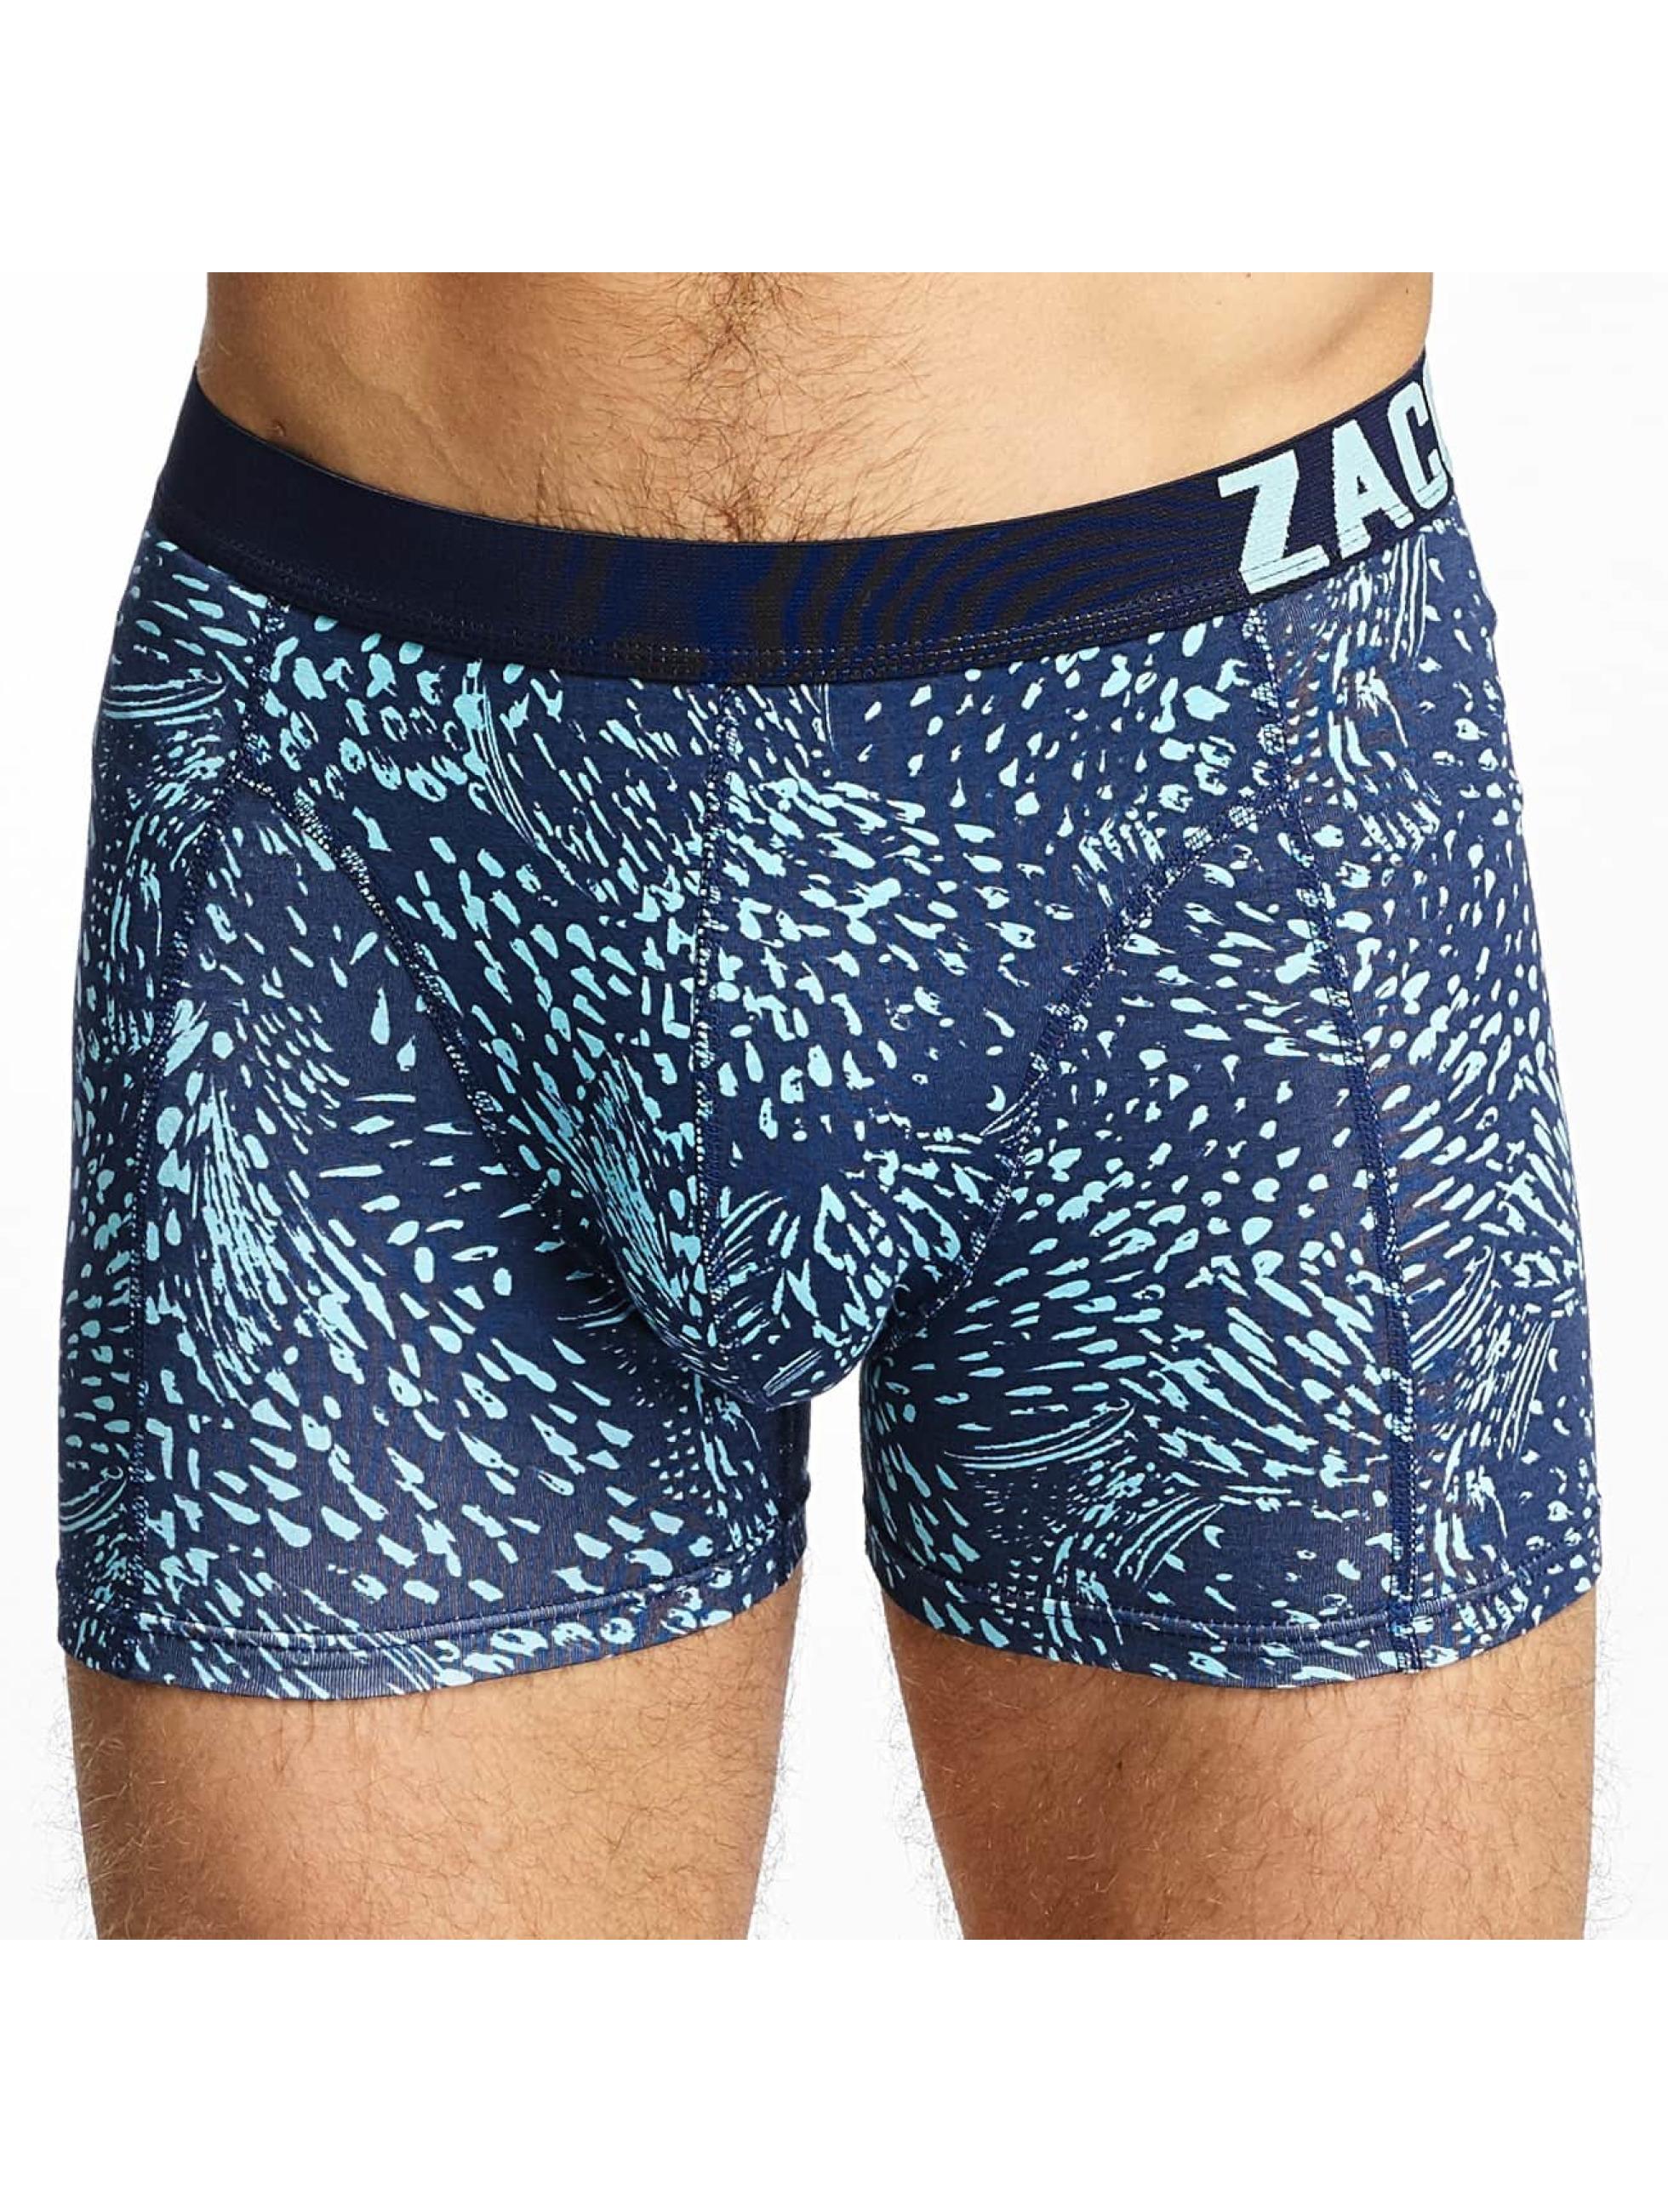 Zaccini Boxershorts Summer Spray 2-Pack blau